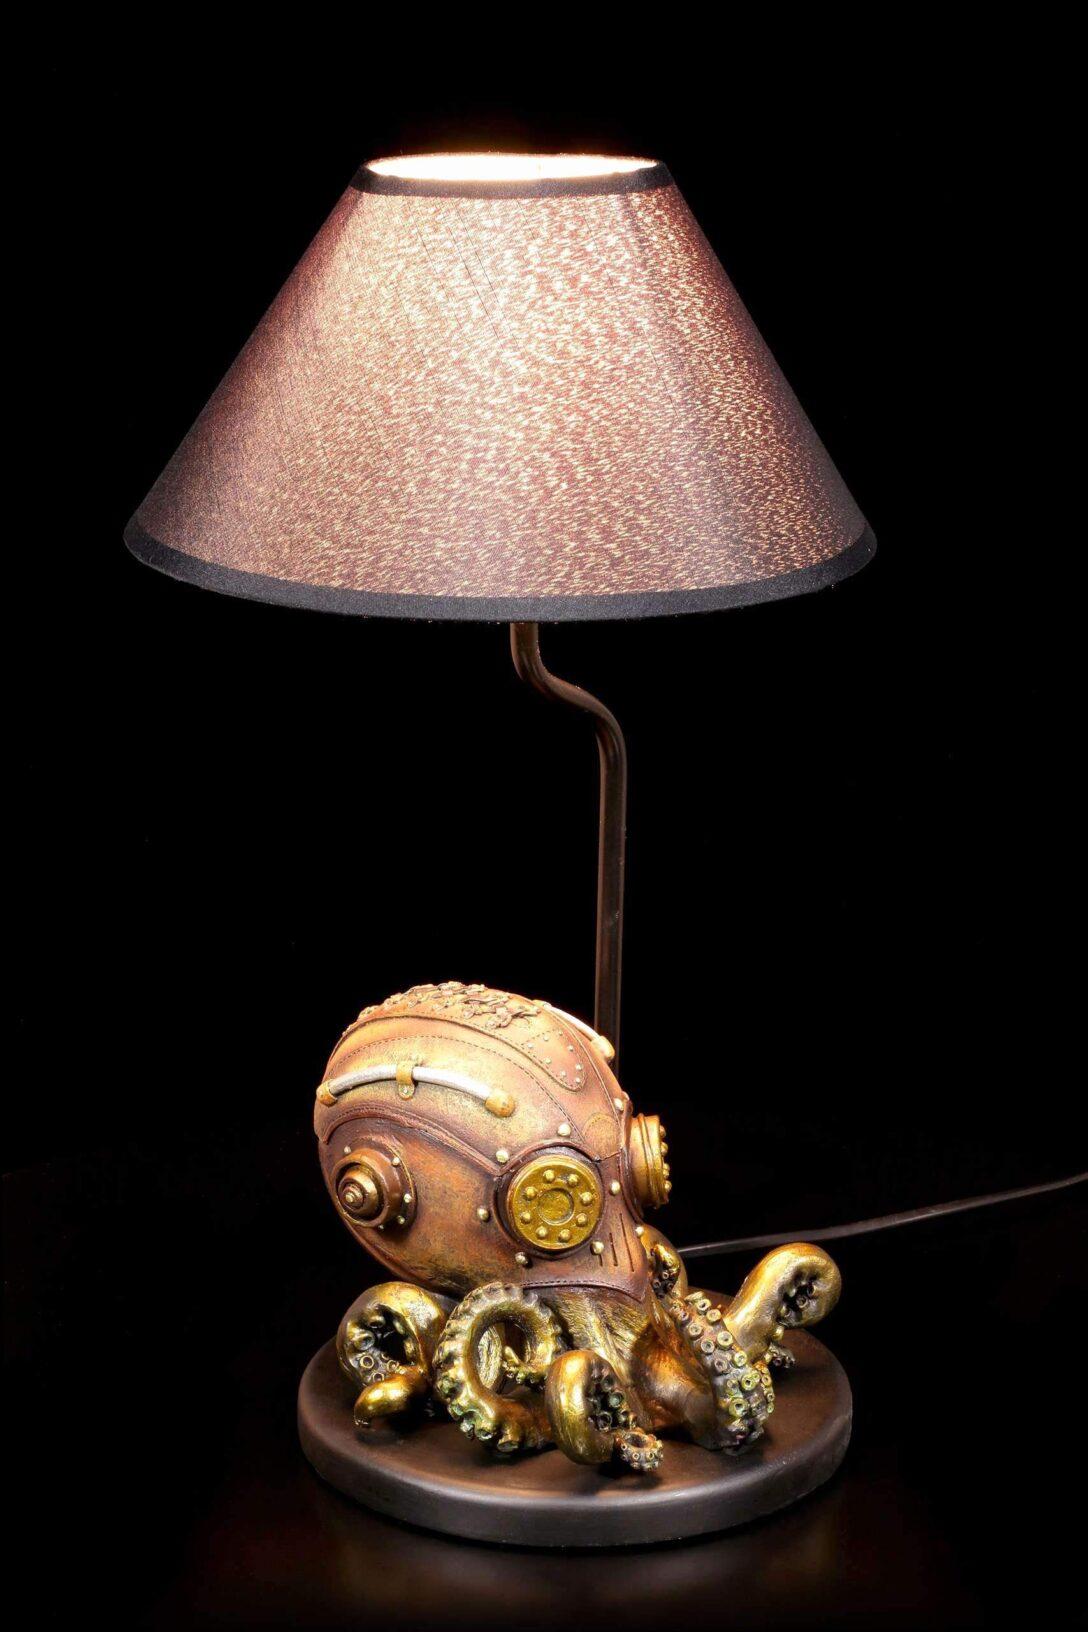 Large Size of Wohnzimmer Led Lampe Sofa Leder Deckenleuchten Schrankwand Deckenleuchte Vinylboden Sessel Moderne Wildleder Deckenstrahler Beleuchtung Einbaustrahler Bad Wohnzimmer Wohnzimmer Led Lampe